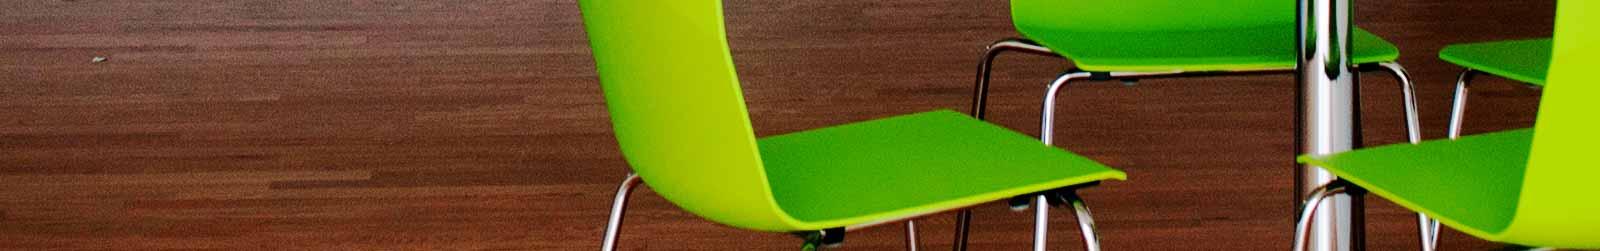 was ist ergonomie anwendungsbereiche st galler medizinische fachschule. Black Bedroom Furniture Sets. Home Design Ideas